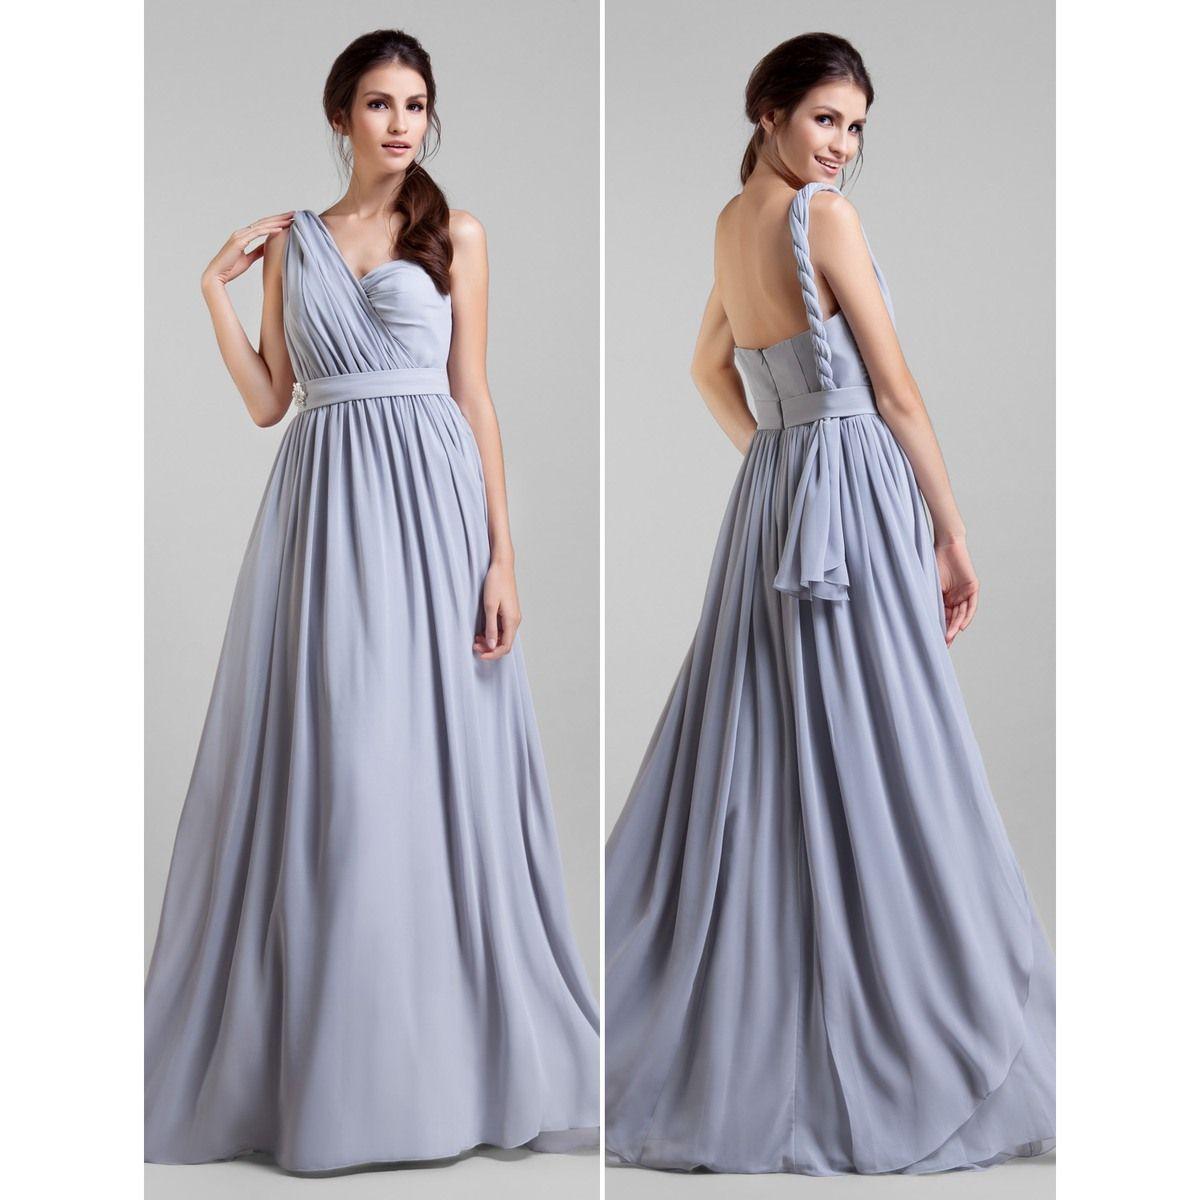 Gorgeous floorlength dress ballgowns pinterest convertible